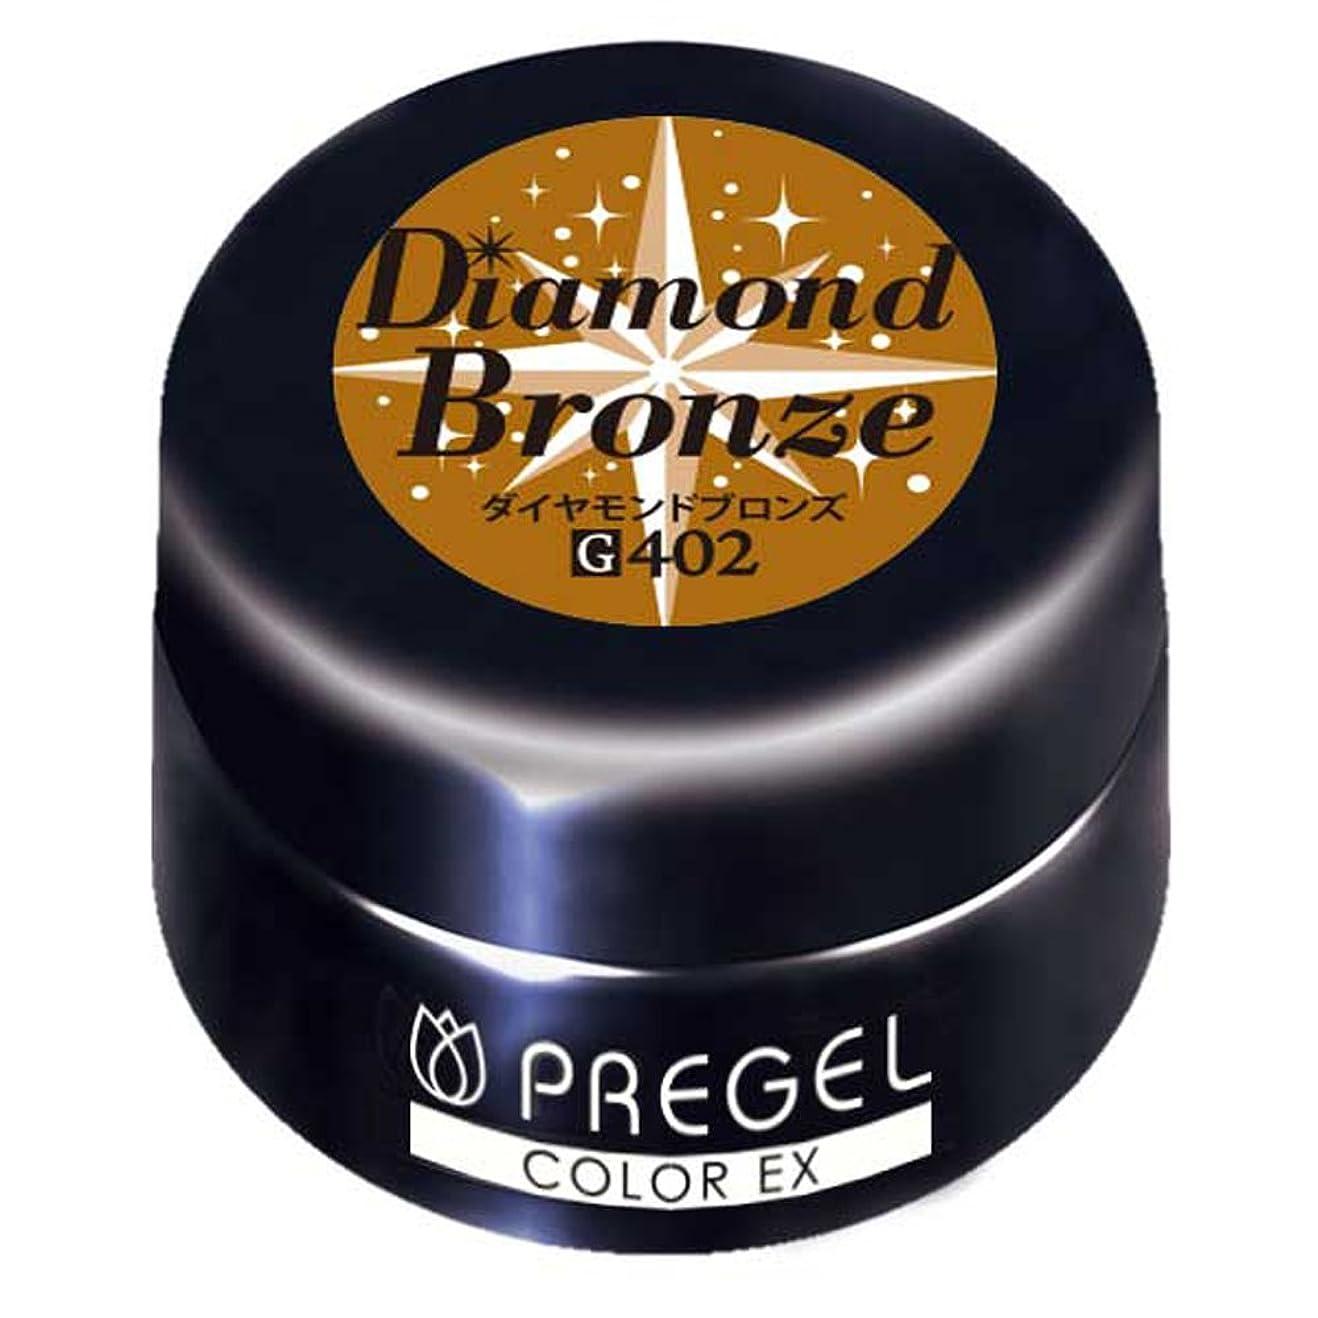 メタリックエピソードつらいPRE GEL カラーEX ダイヤモンドブロンズCE402 UV/LED対応 カラージェル